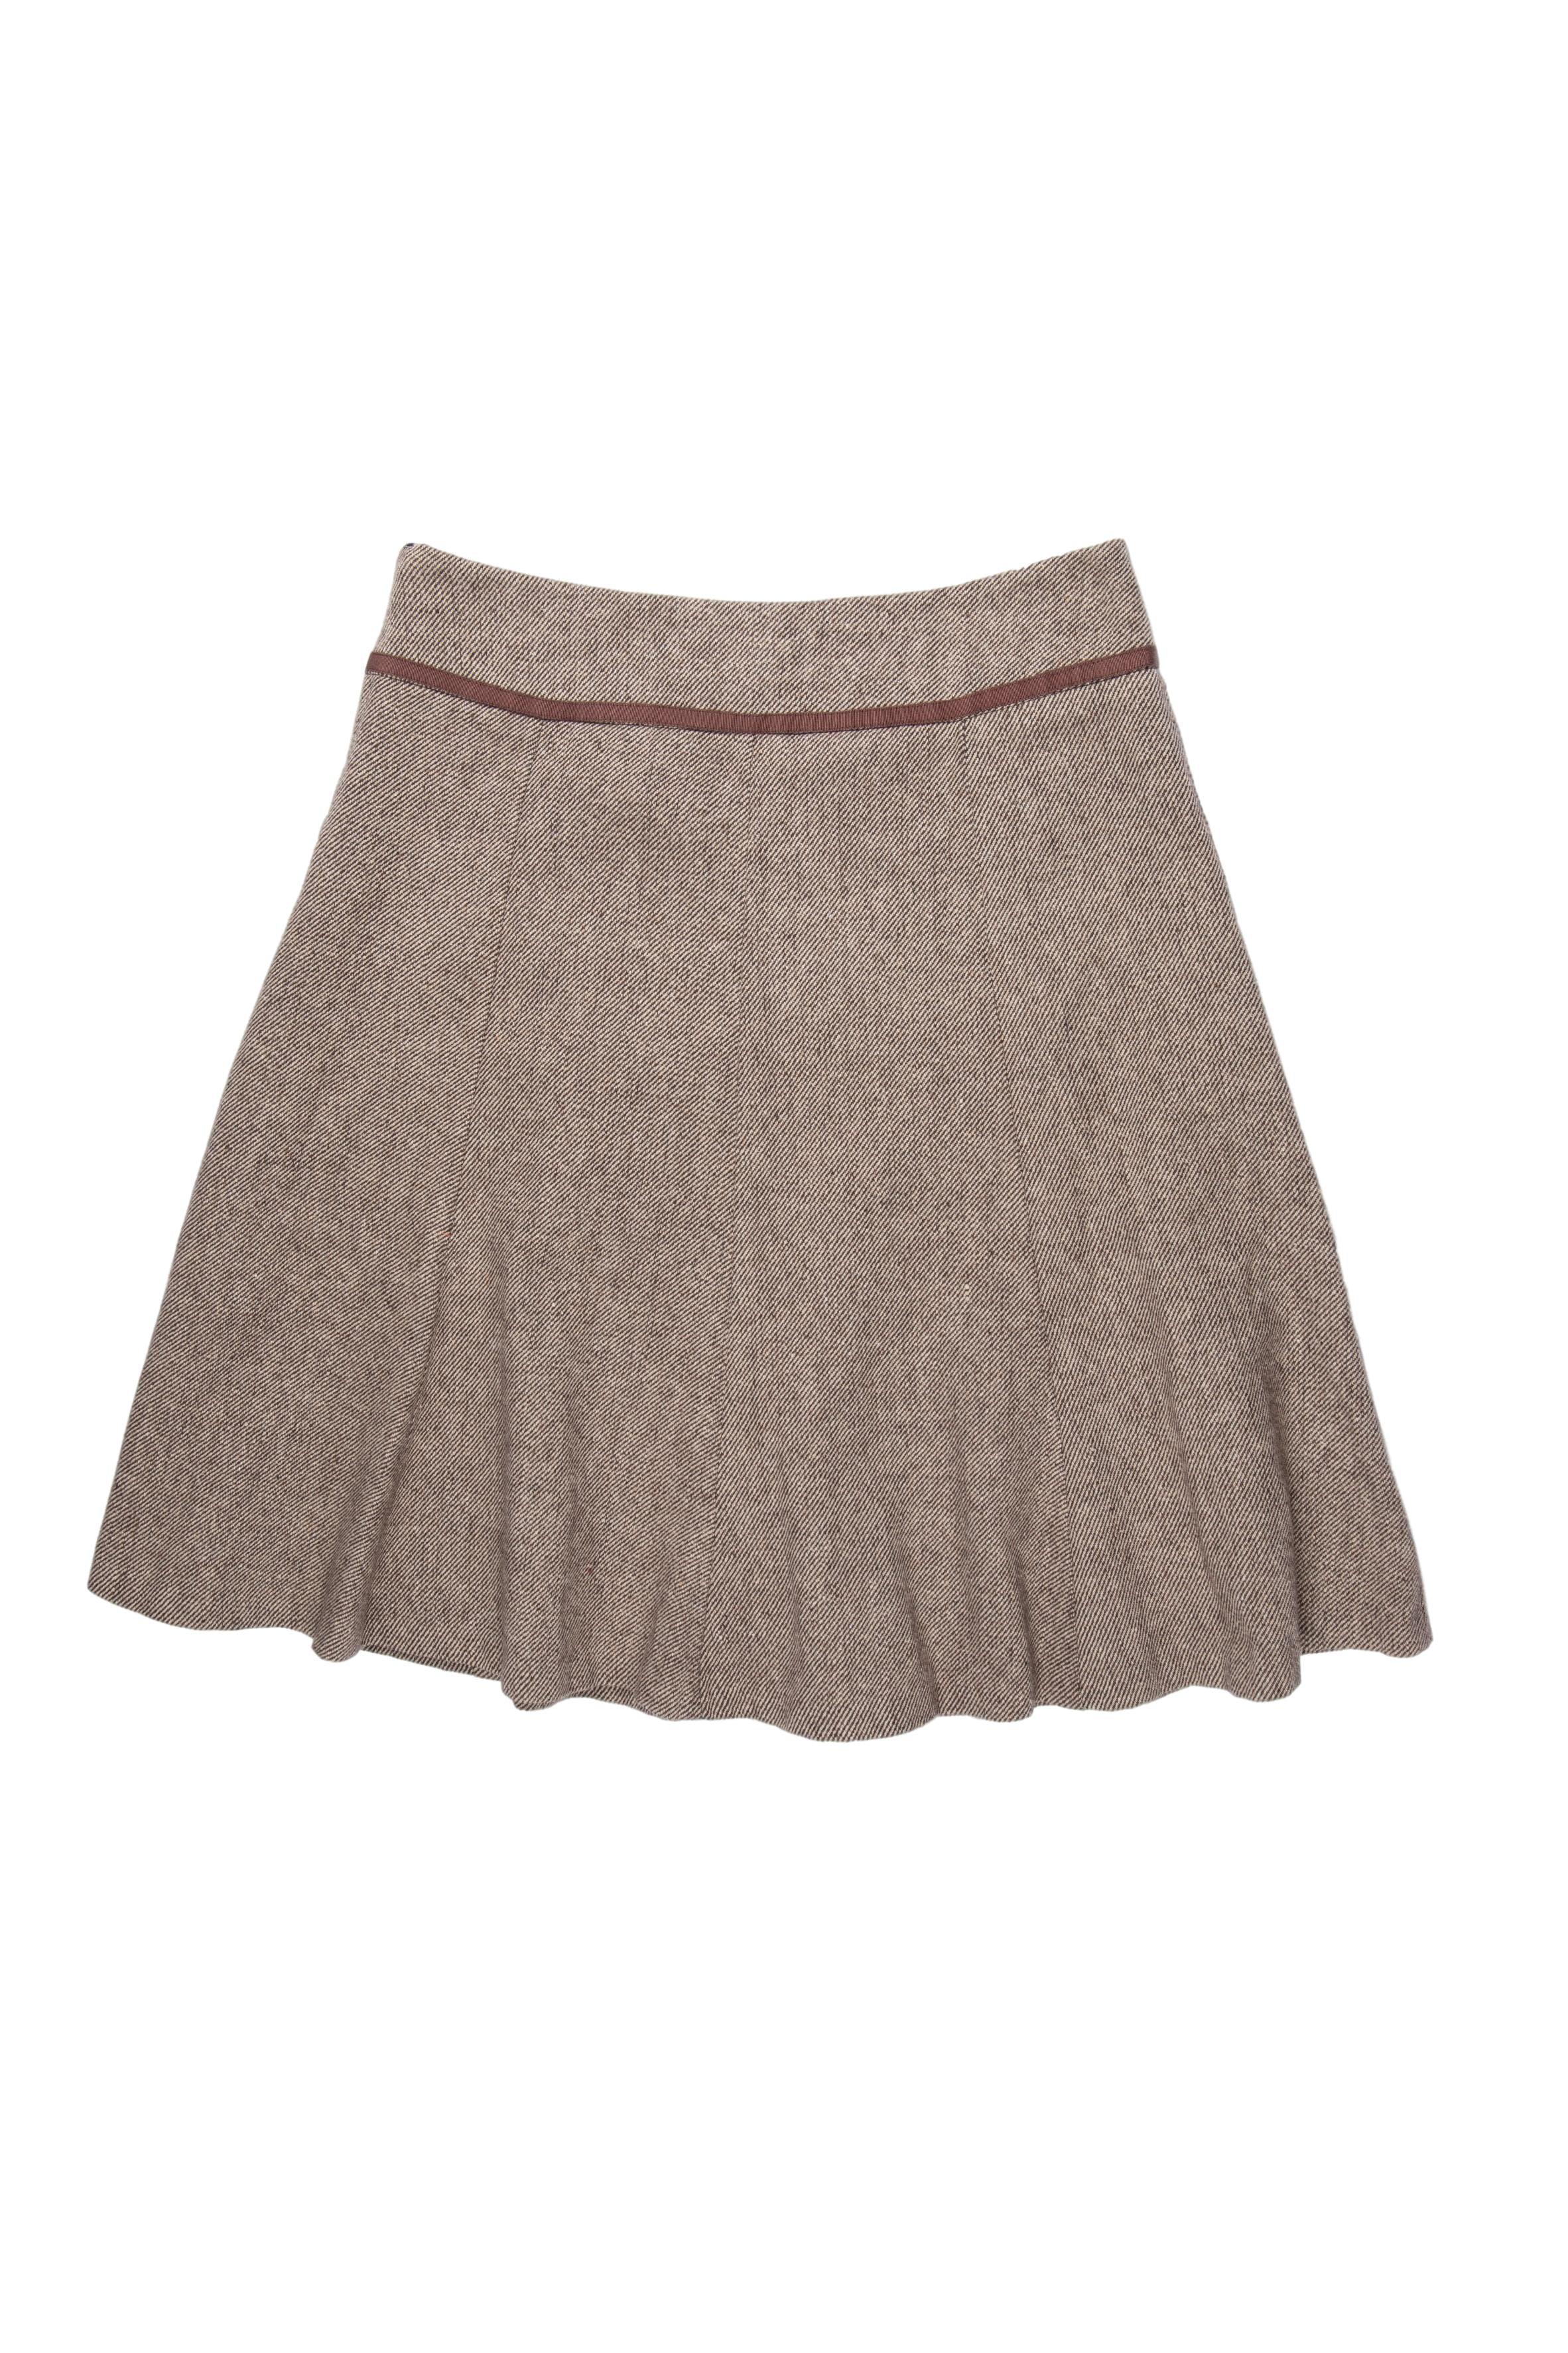 Falda Separates tipo lanilla en tonos marrones, corte campana, con cierre lateral y forro. Cintura 78 cm, Largo 60 cm